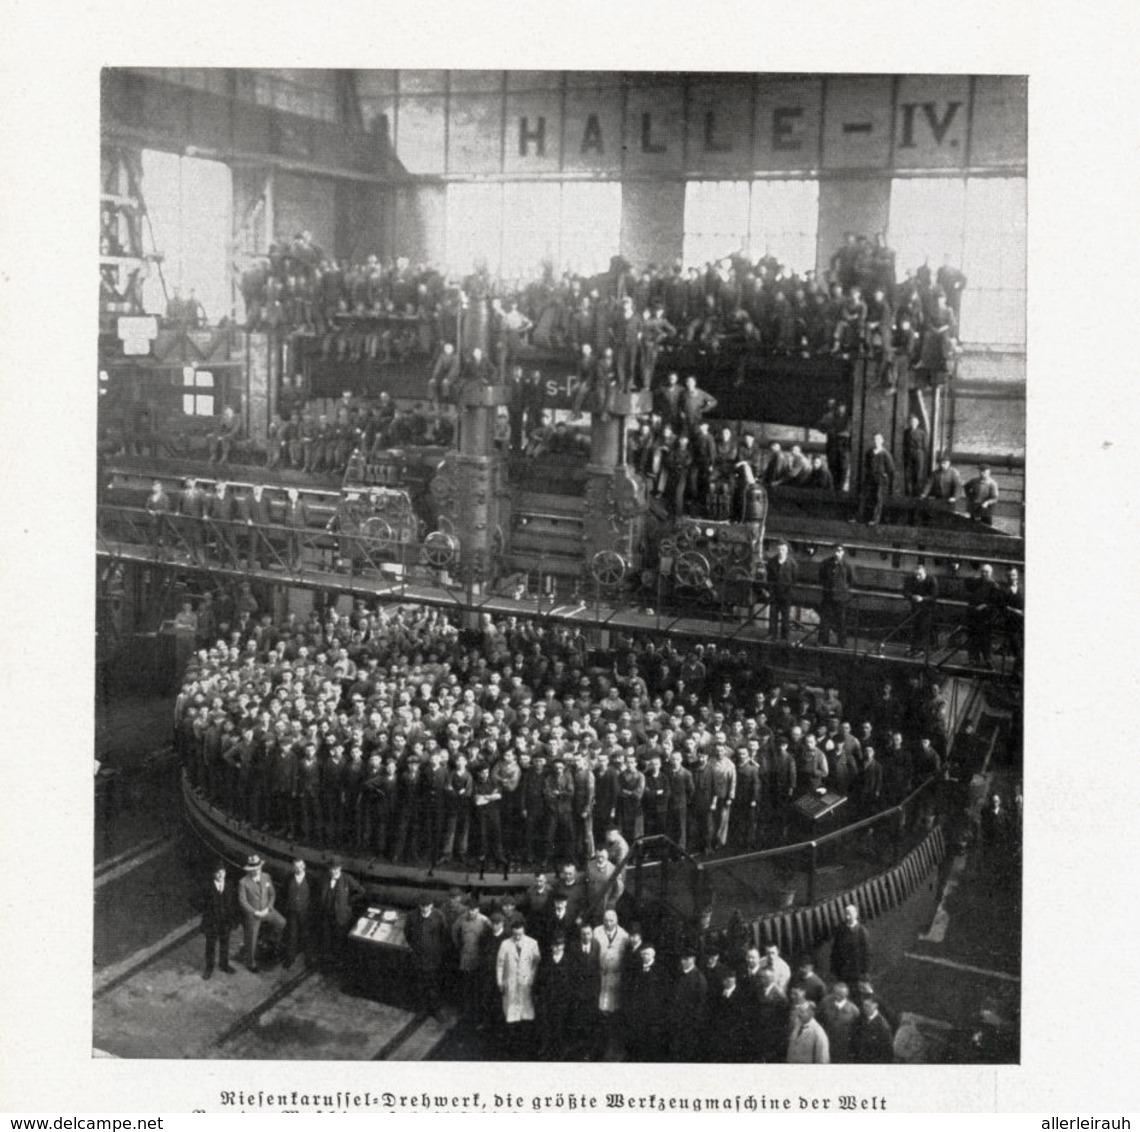 Riesenkarusselldrehwerk-Die Größte Werkzeugmaschine Der Welt In Düsseldorf     / Druck, Entnommen Aus Zeitschrift / 1933 - Bücher, Zeitschriften, Comics